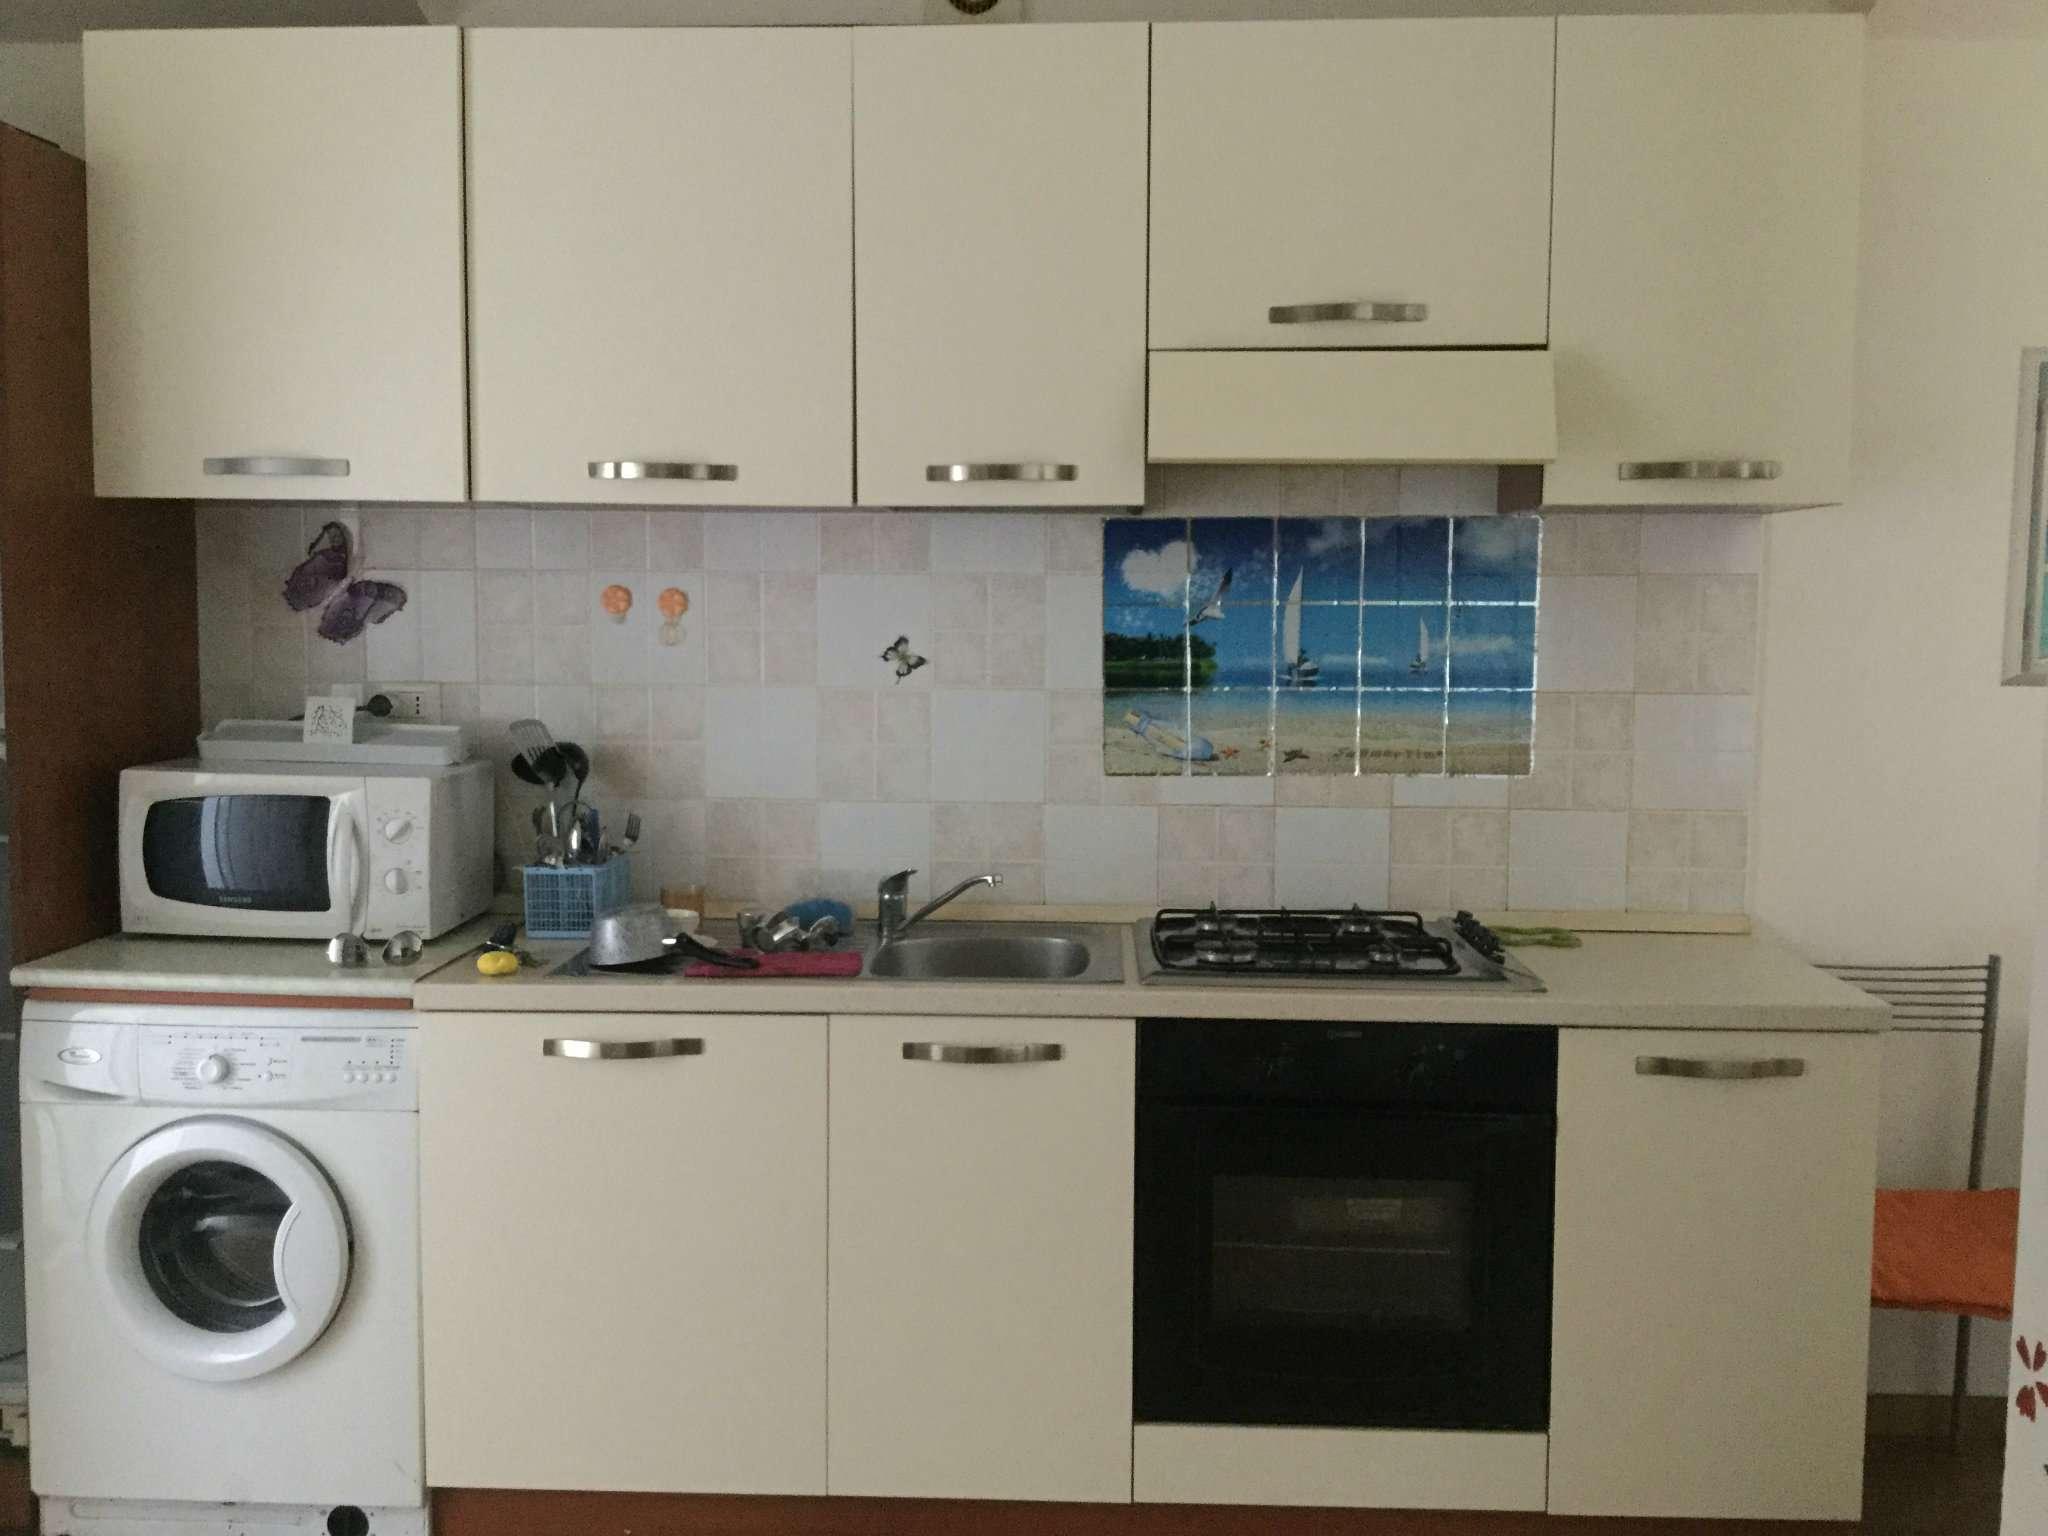 Attico / Mansarda in affitto a Montesilvano, 2 locali, prezzo € 425 | CambioCasa.it